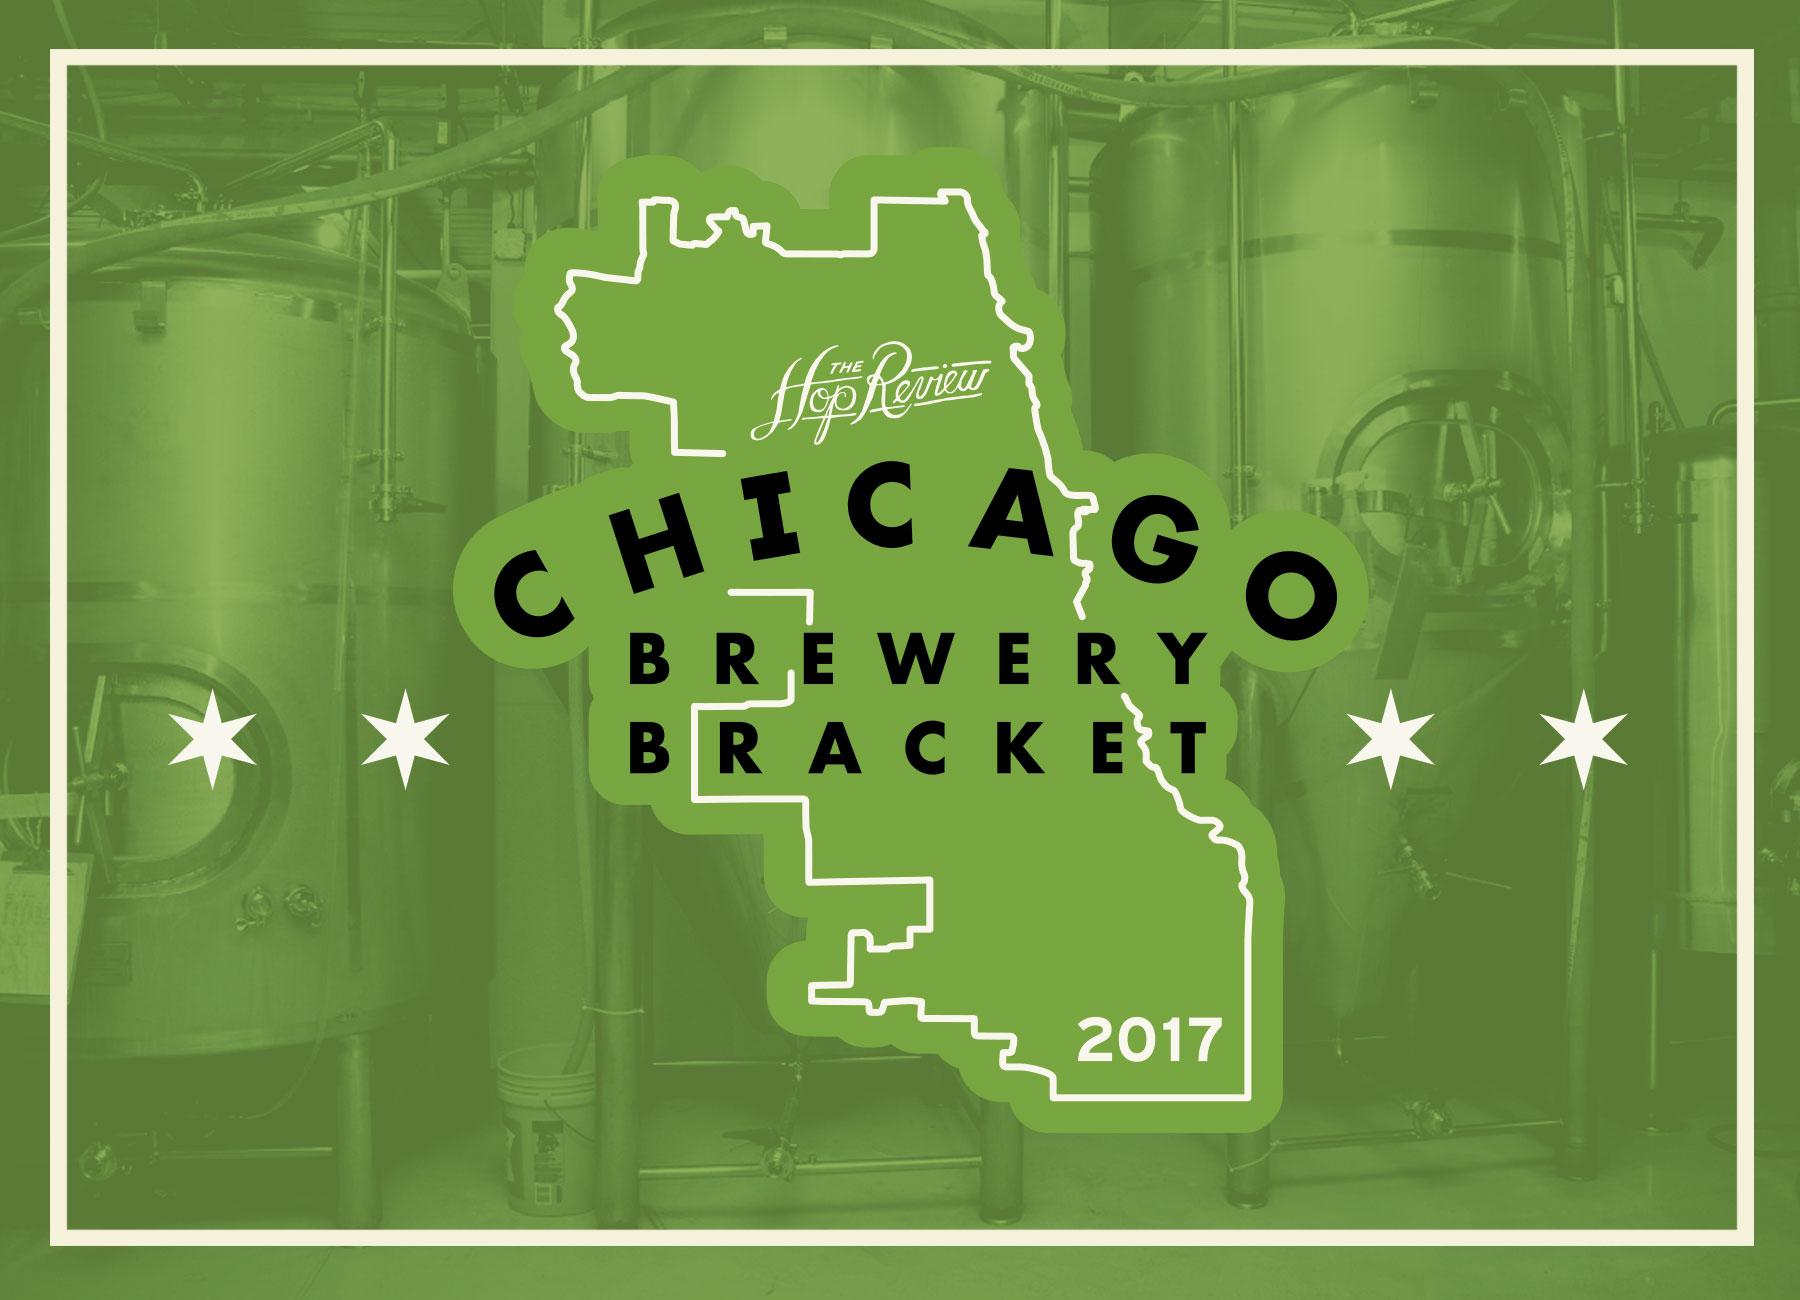 THR's 2017 Chicago Brewery Bracket: Championship Round